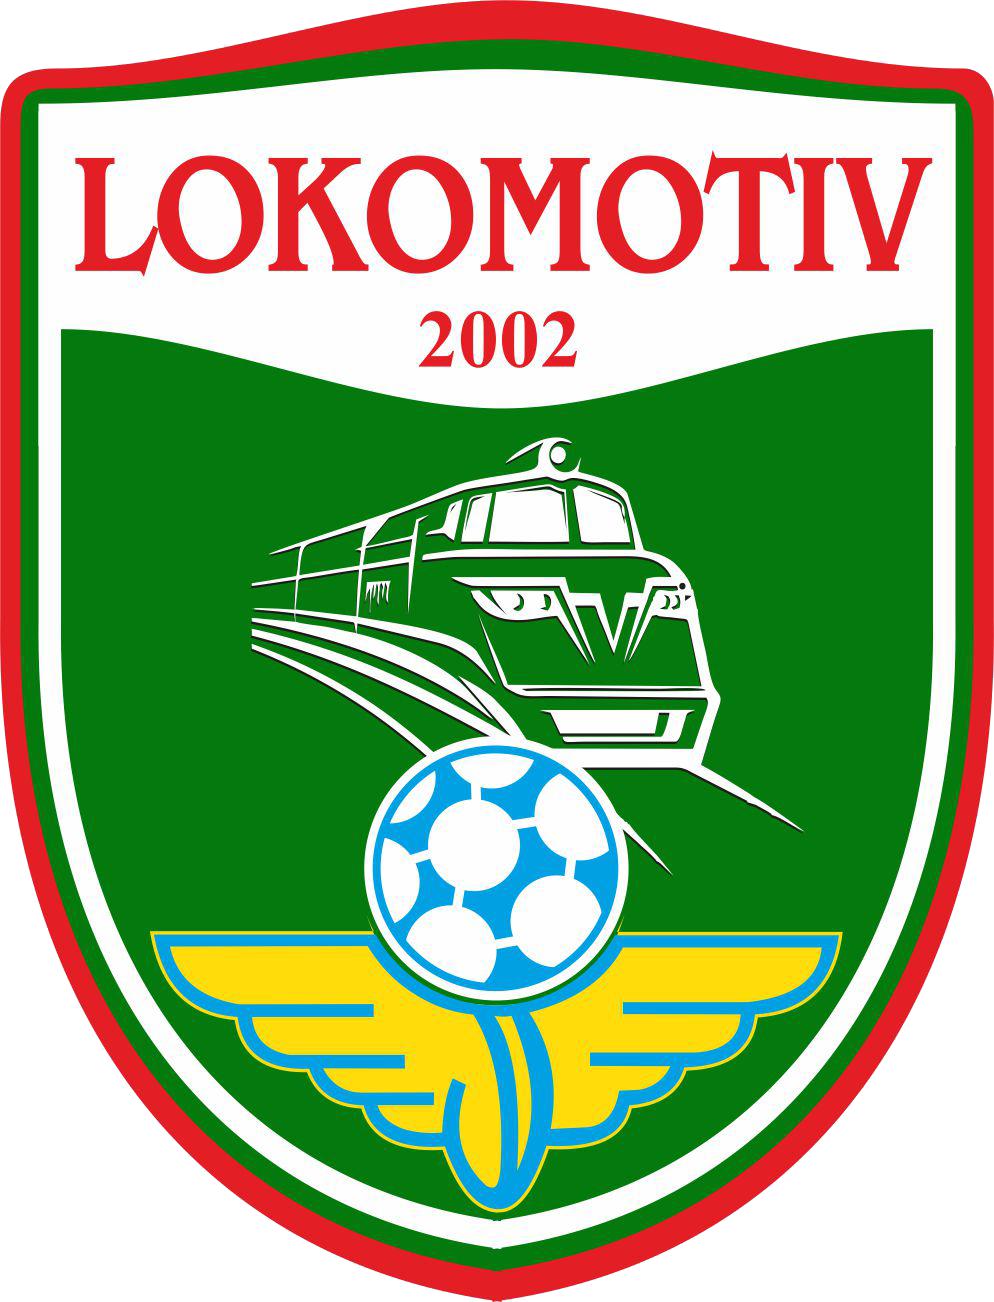 loko_logo-png